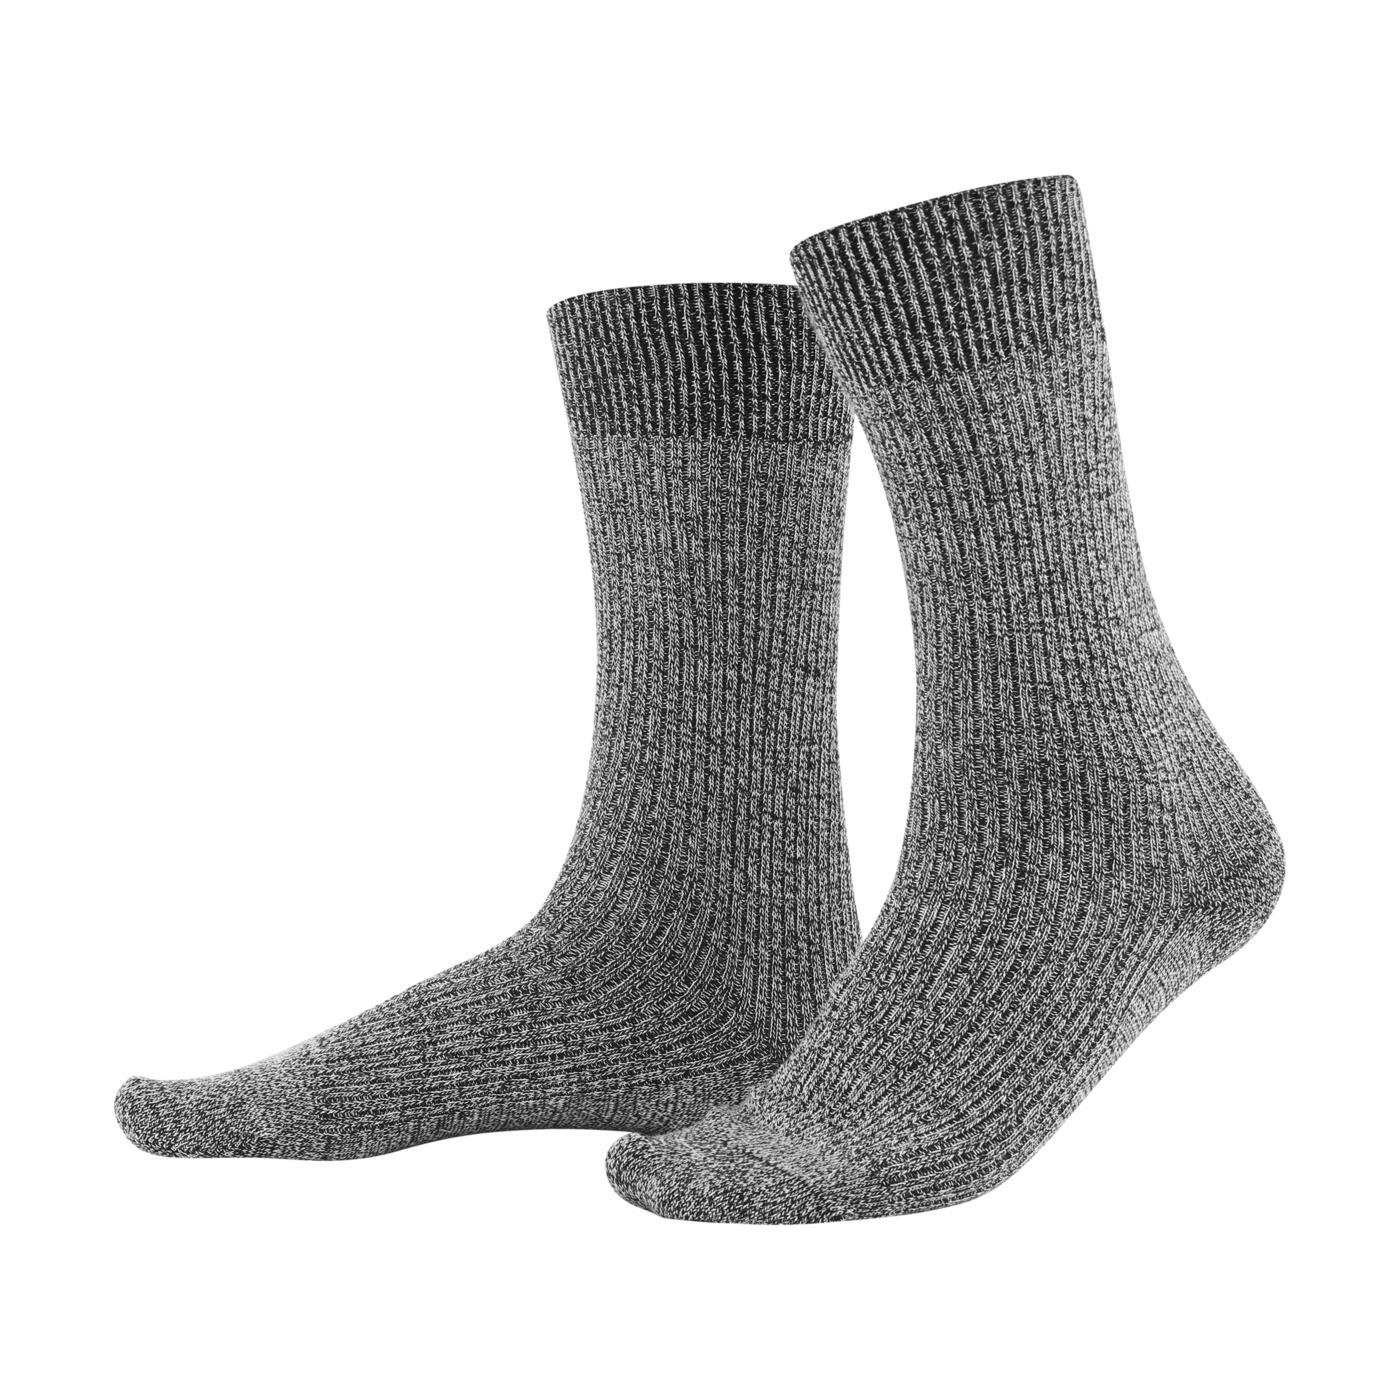 il più votato a buon mercato scarpe temperamento vari stili Calzini uomo melange, 98% cotone bio, 2% elastane, GOTS, vegani